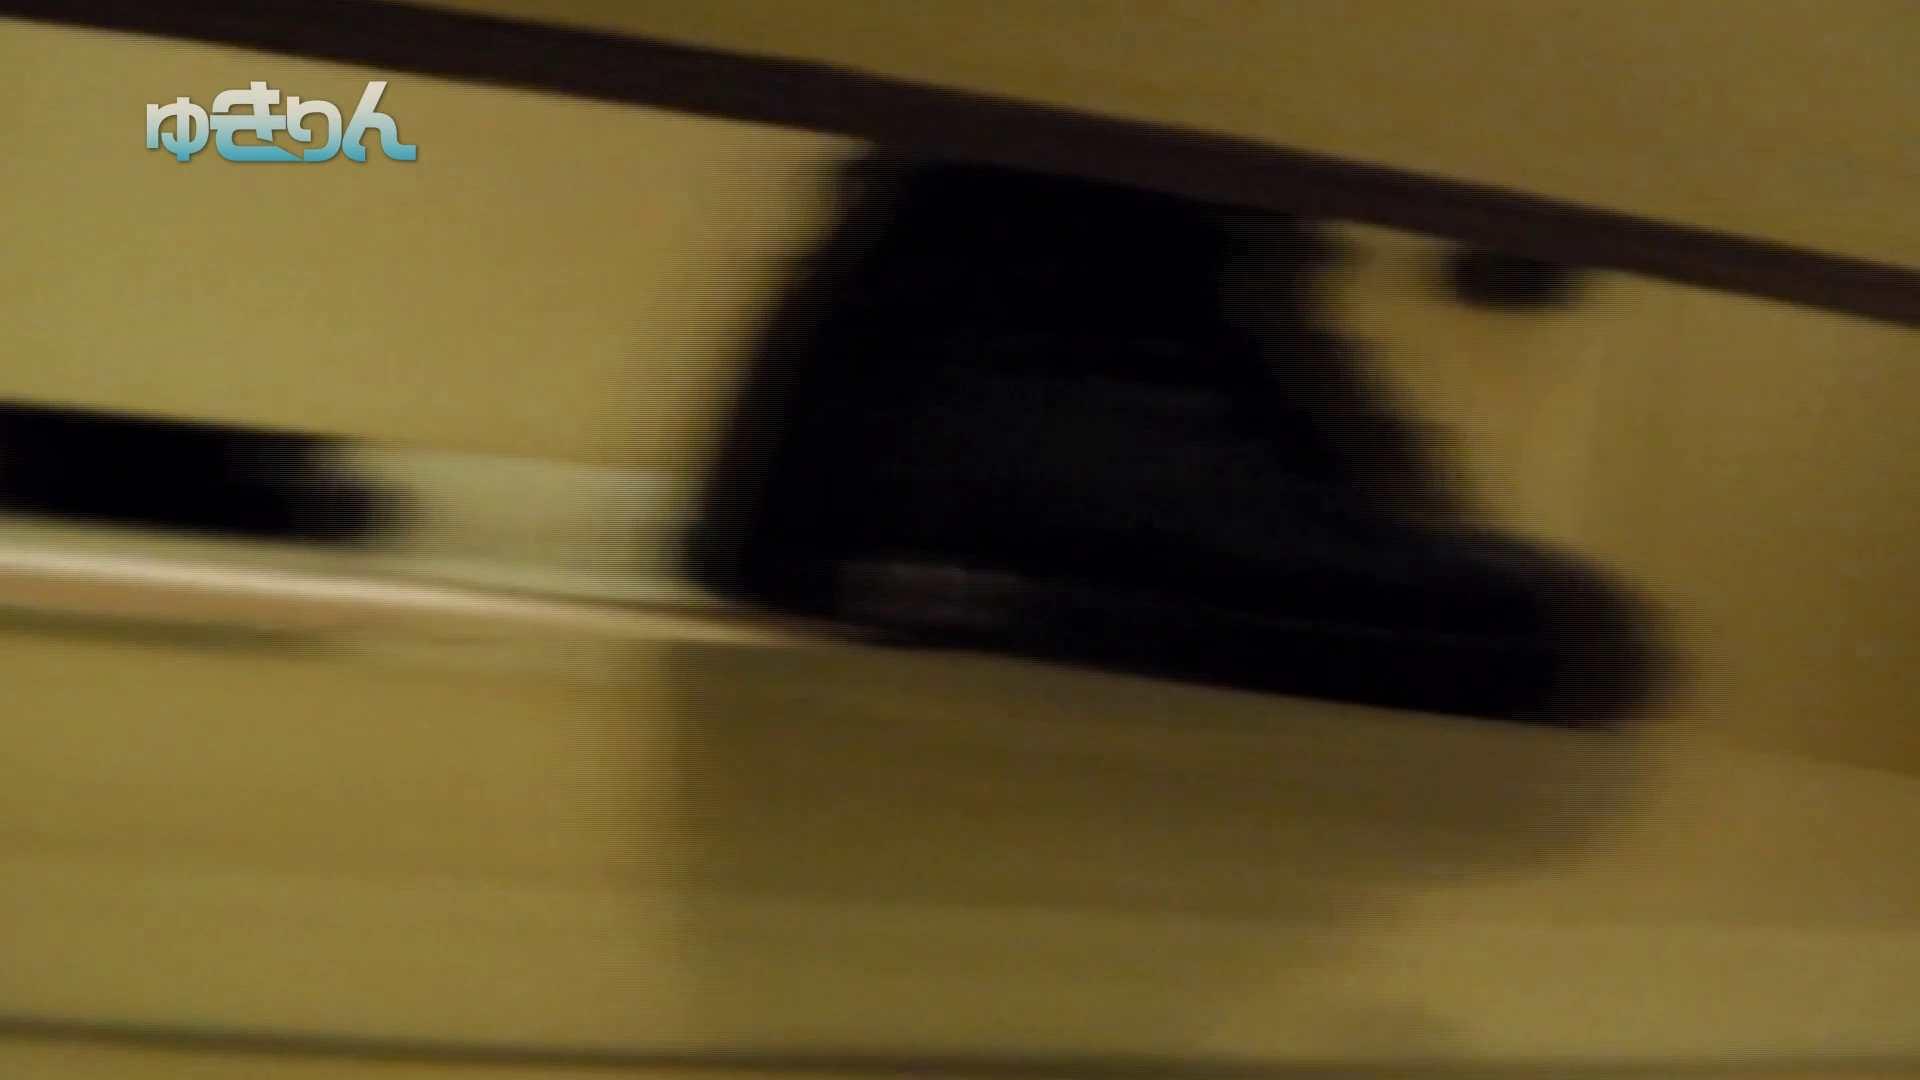 新世界の射窓 無料お試し動画02 ギャル攻め ワレメ動画紹介 89画像 14